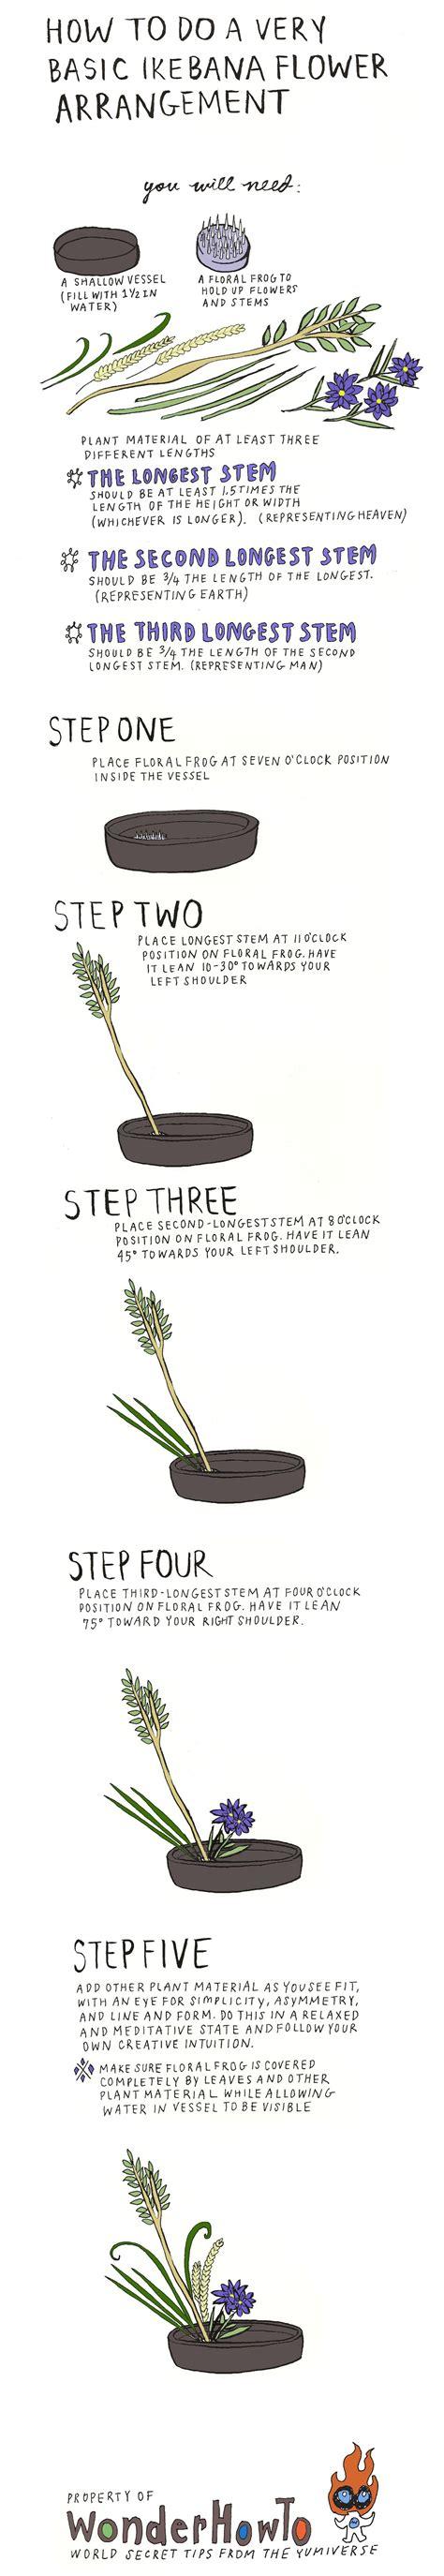 flower arranging basics how to do a basic ikebana flower arrangement 171 the